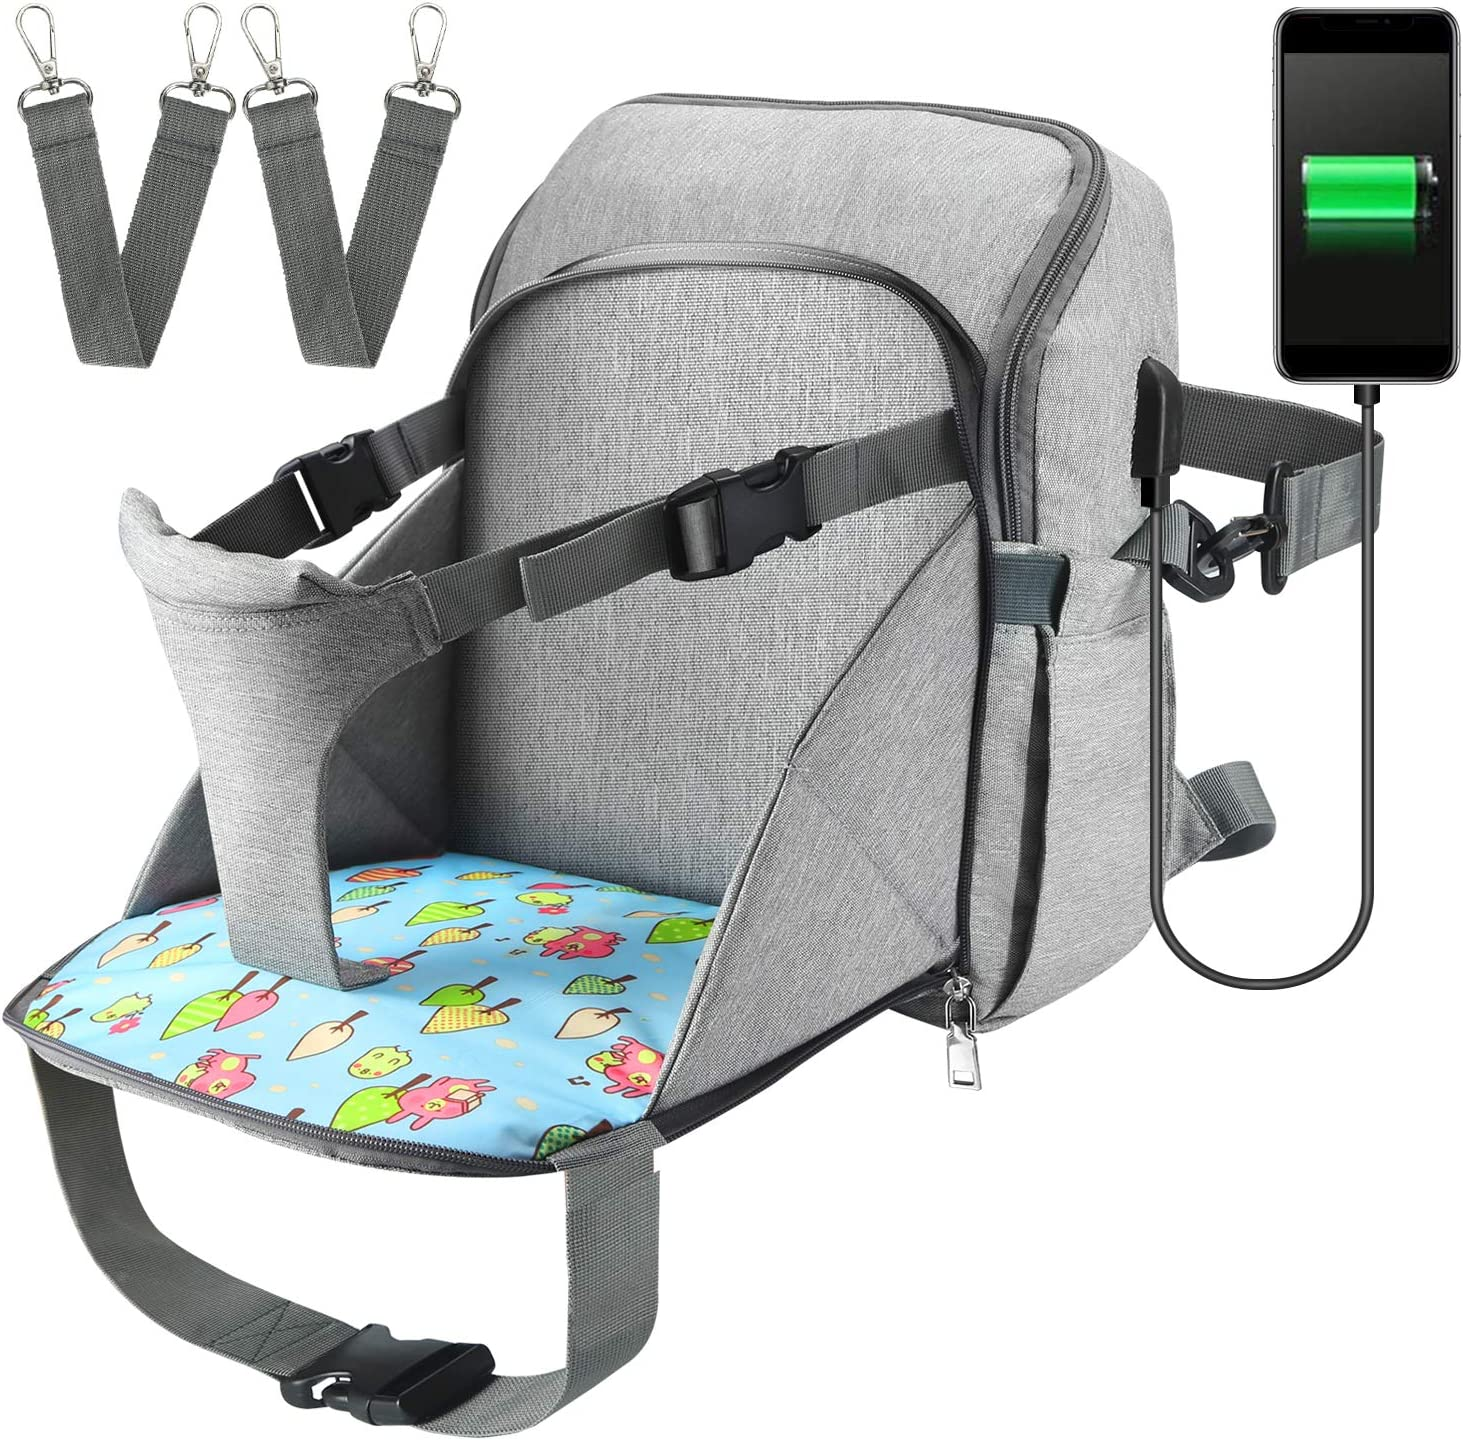 Sac /à Langer avec Chaise Nomade B/éb/é Maman Si/ège Support /à dos Ajustable pour Chaise 1 Sacoche Etanche imperm/éable avec 2 Sangles de Poussette USB port Bleu Fonc/é